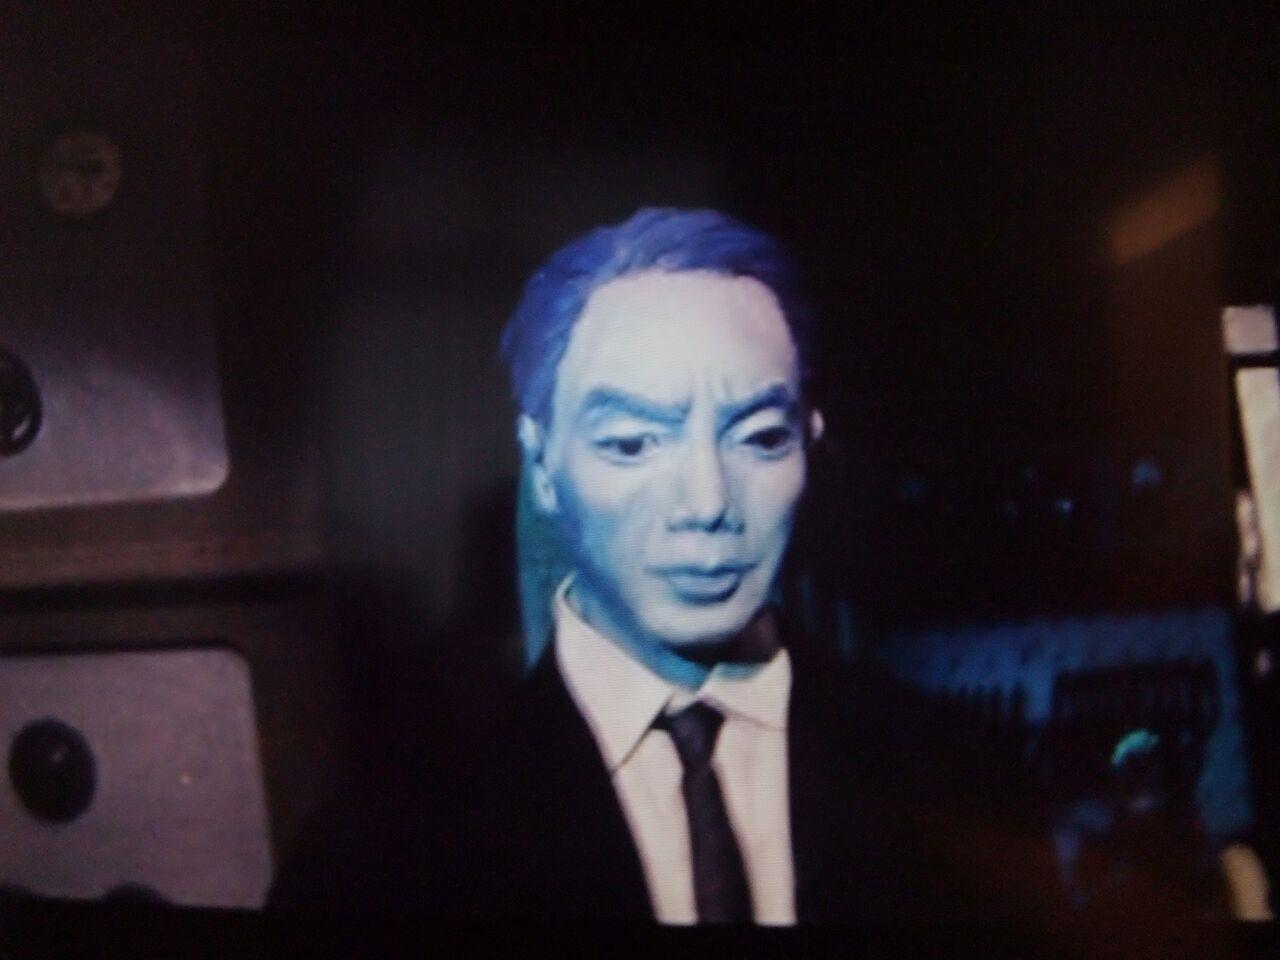 ガス人間第1号」の録画漸く見ました  さざえのつぼ焼き